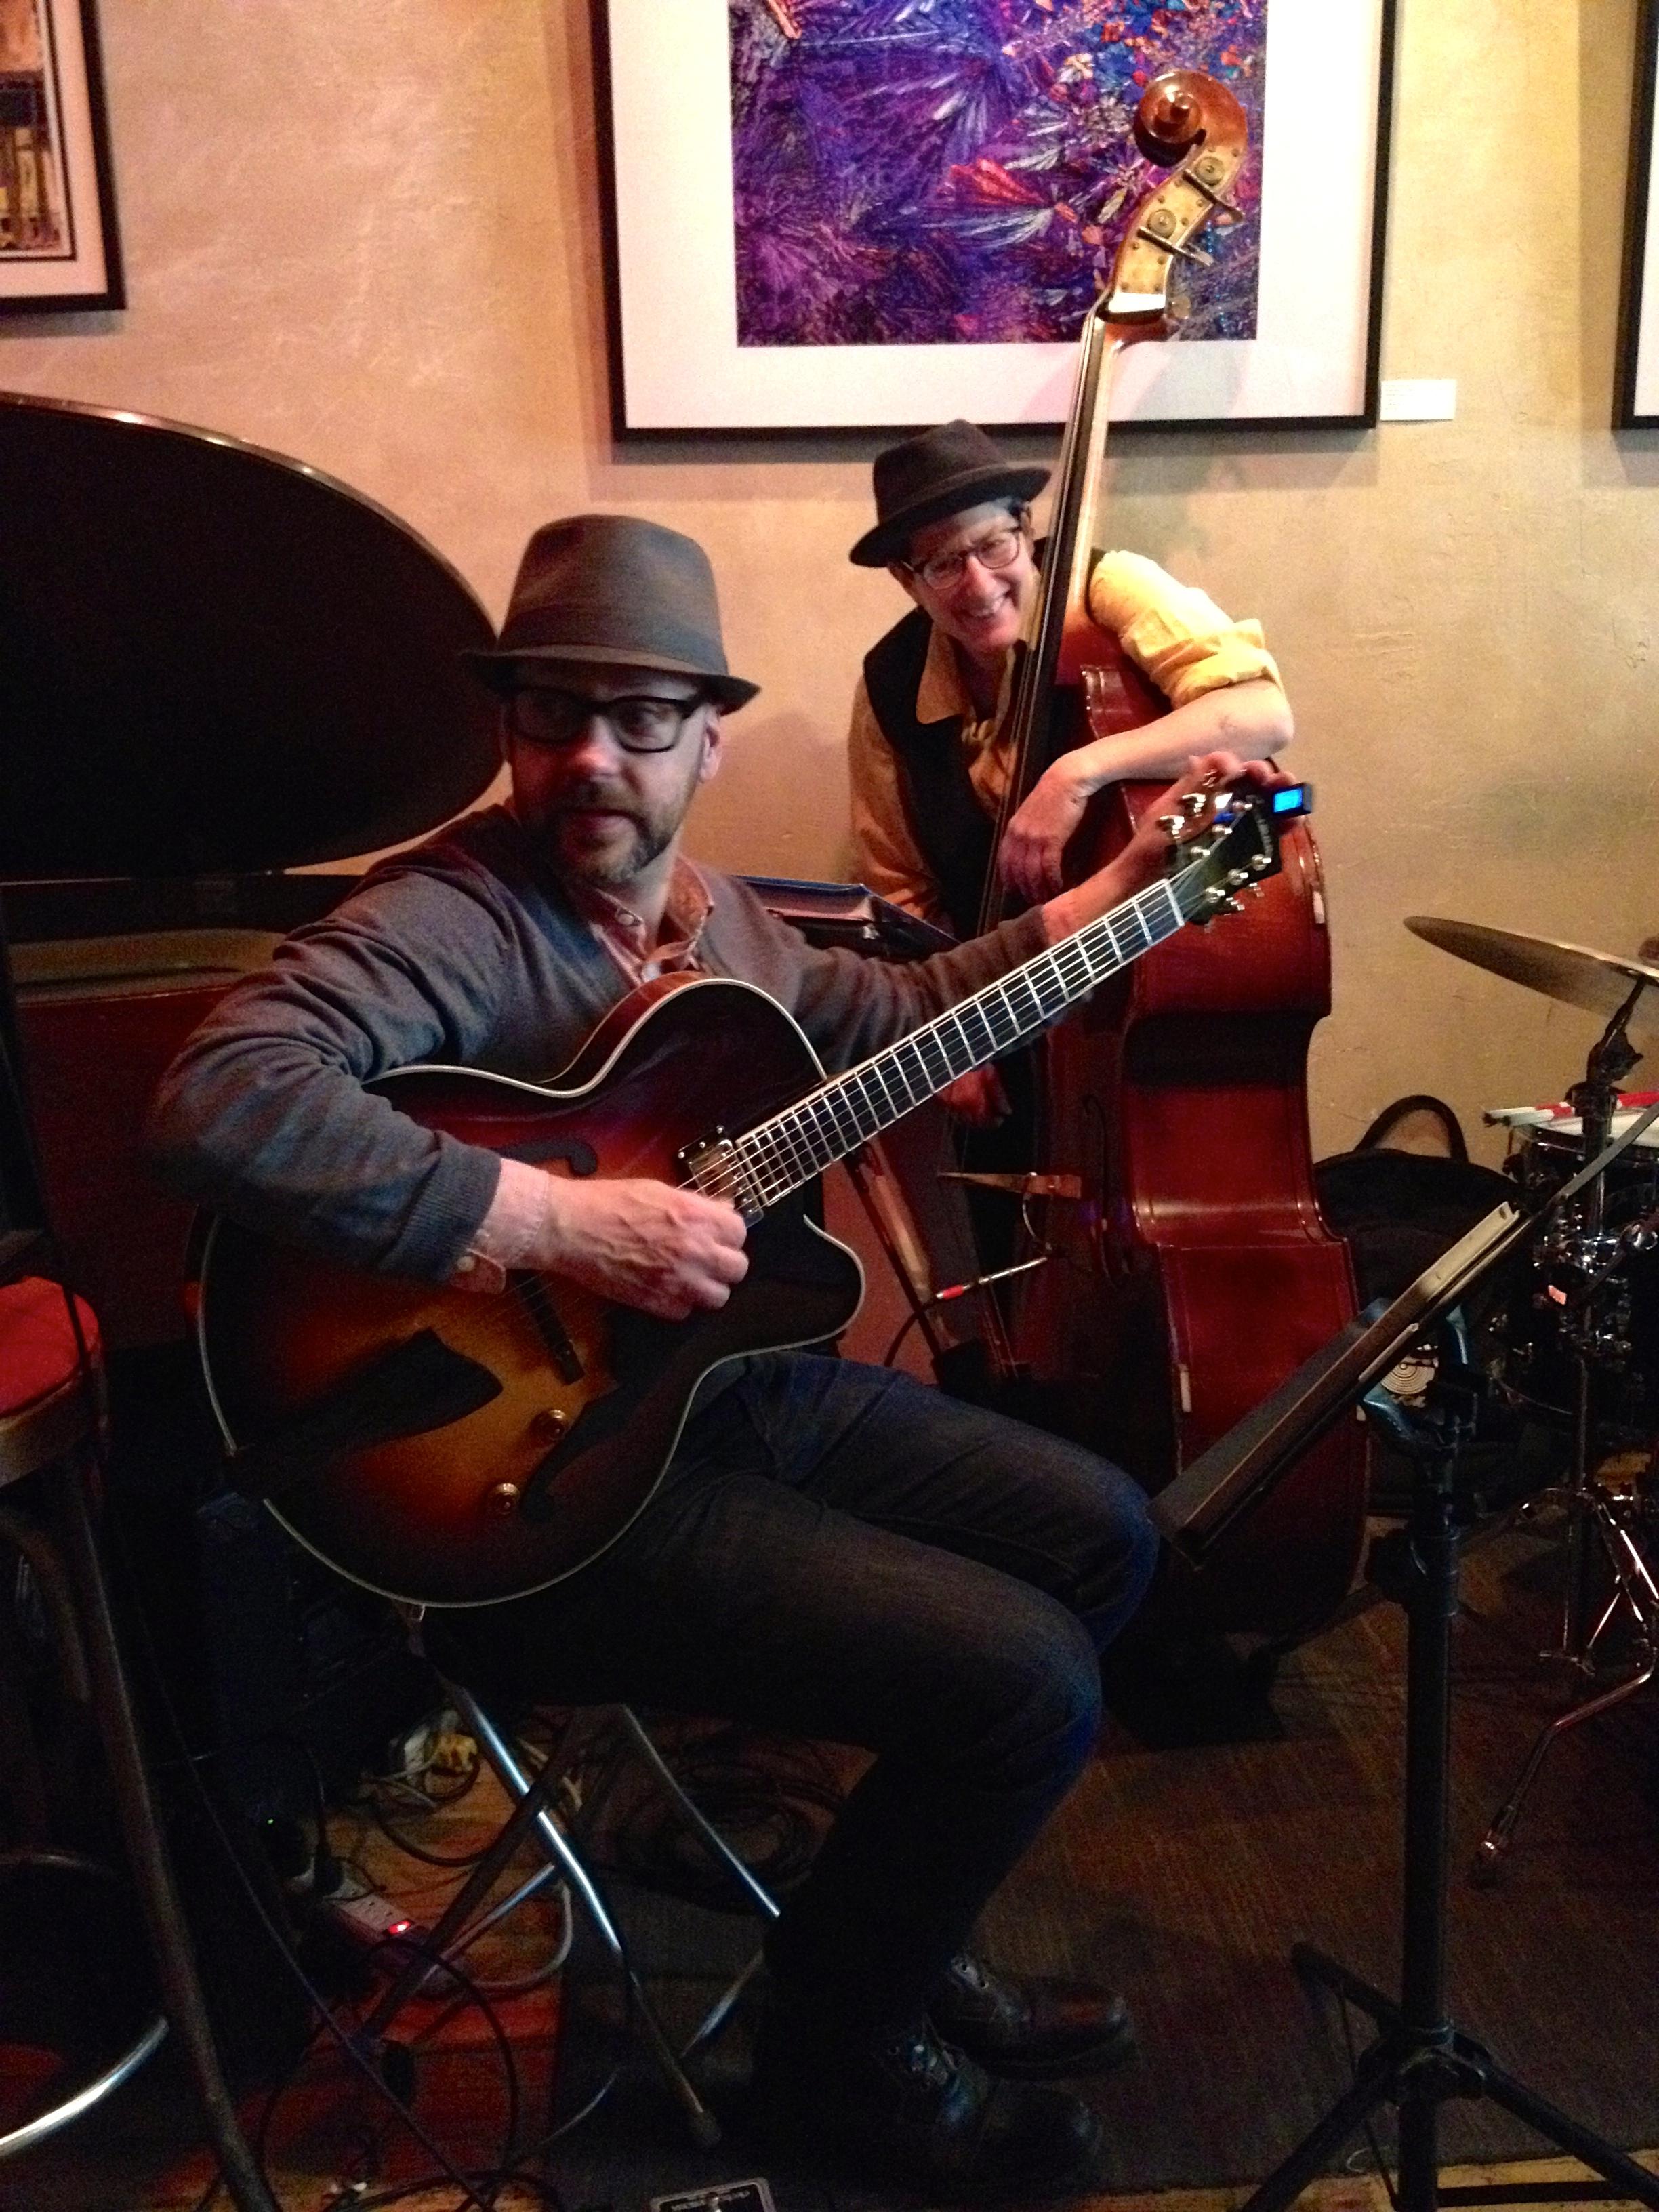 Jeff Hewer and Rachel Melas